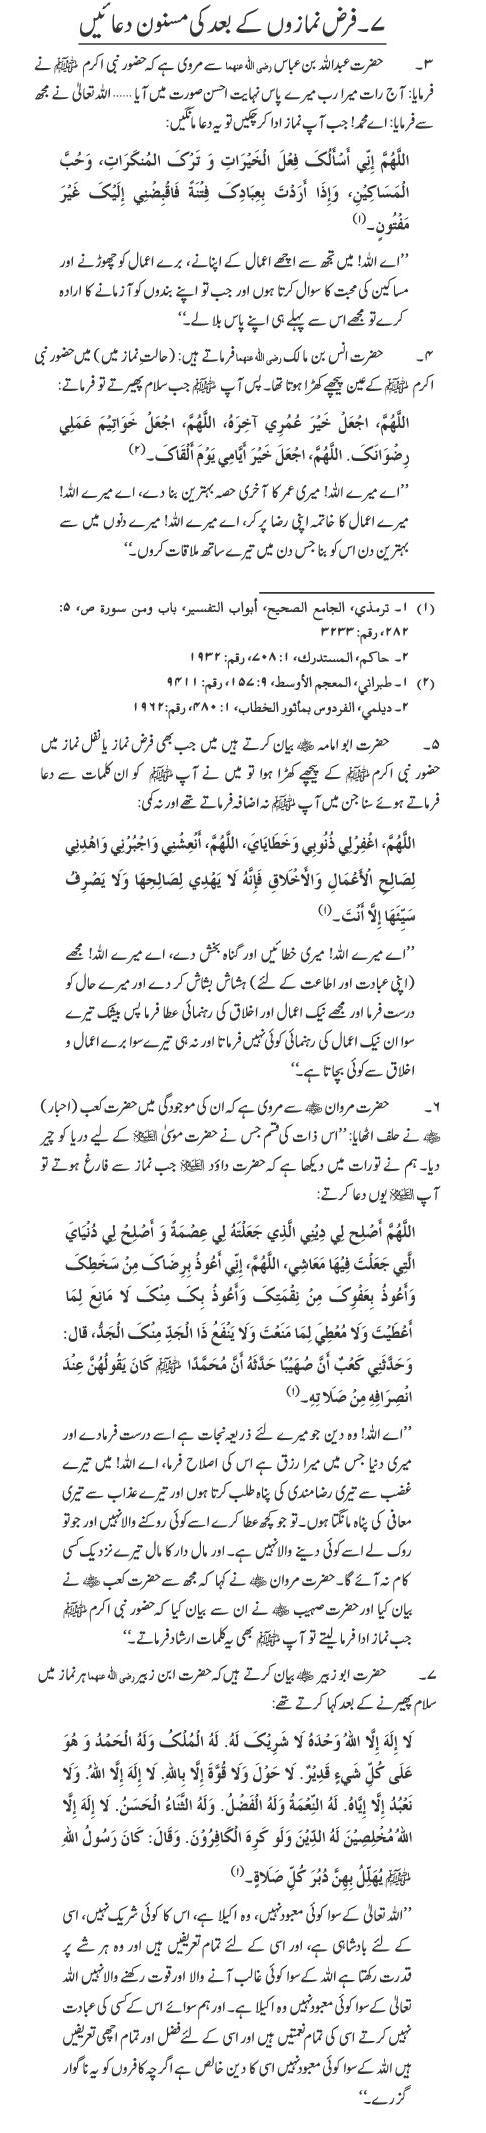 فرض نماز کے بعد کی مسنون دعائیں